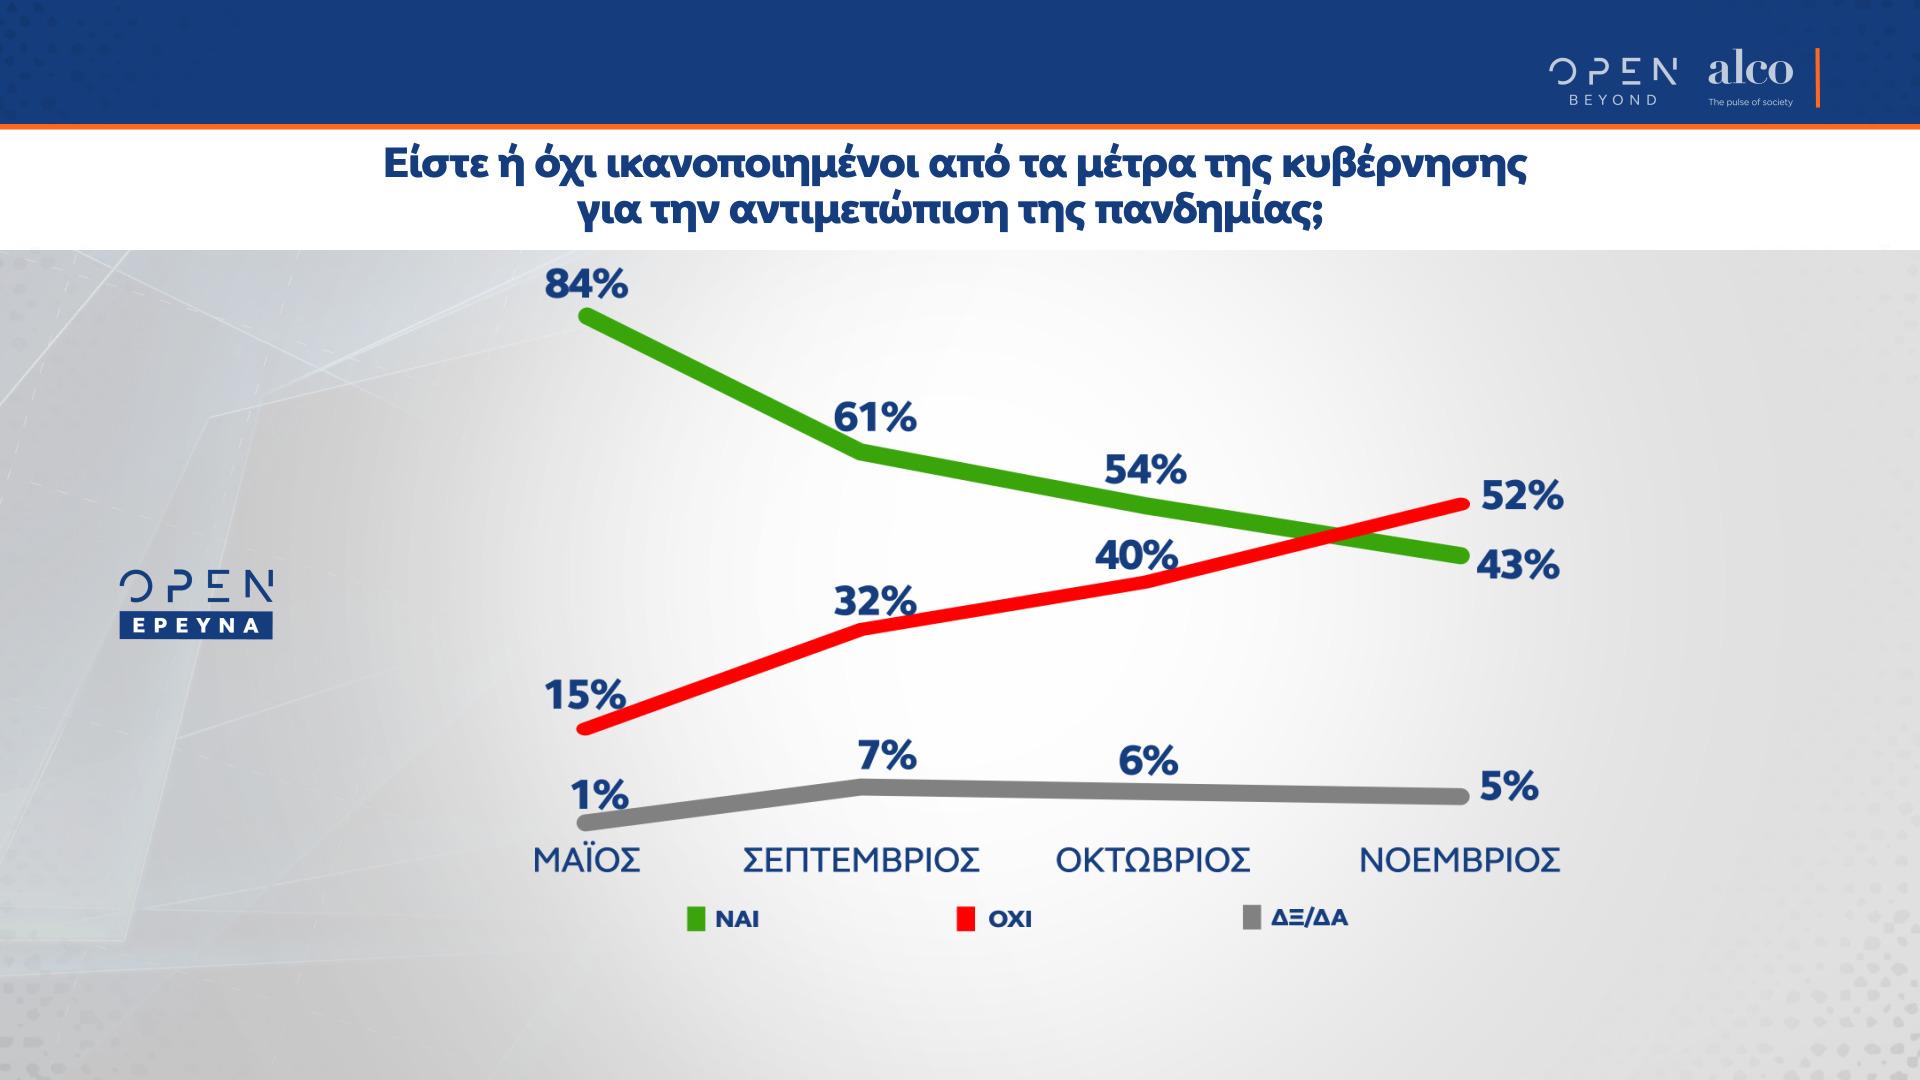 Δημοσκόπηση Alco: Τι λένε οι πολίτες για τα νέα μέτρα – Η διαφορά ανάμεσα σε ΝΔ και ΣΥΡΙΖΑ